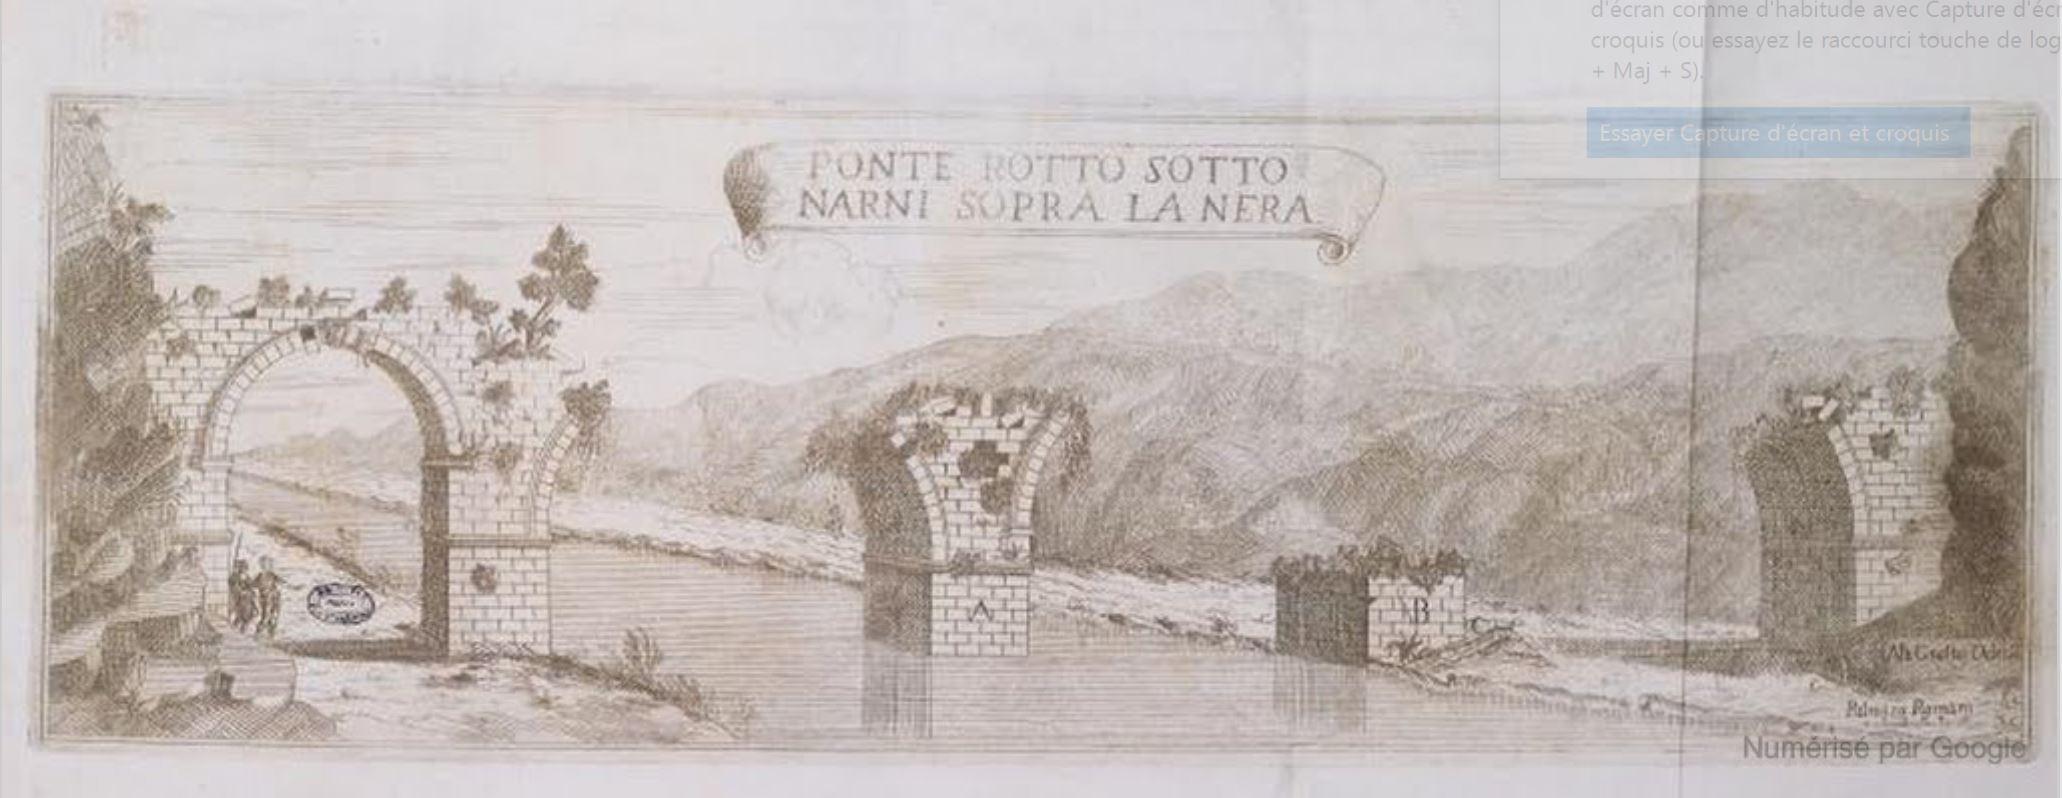 1676 Agostino Martinelli